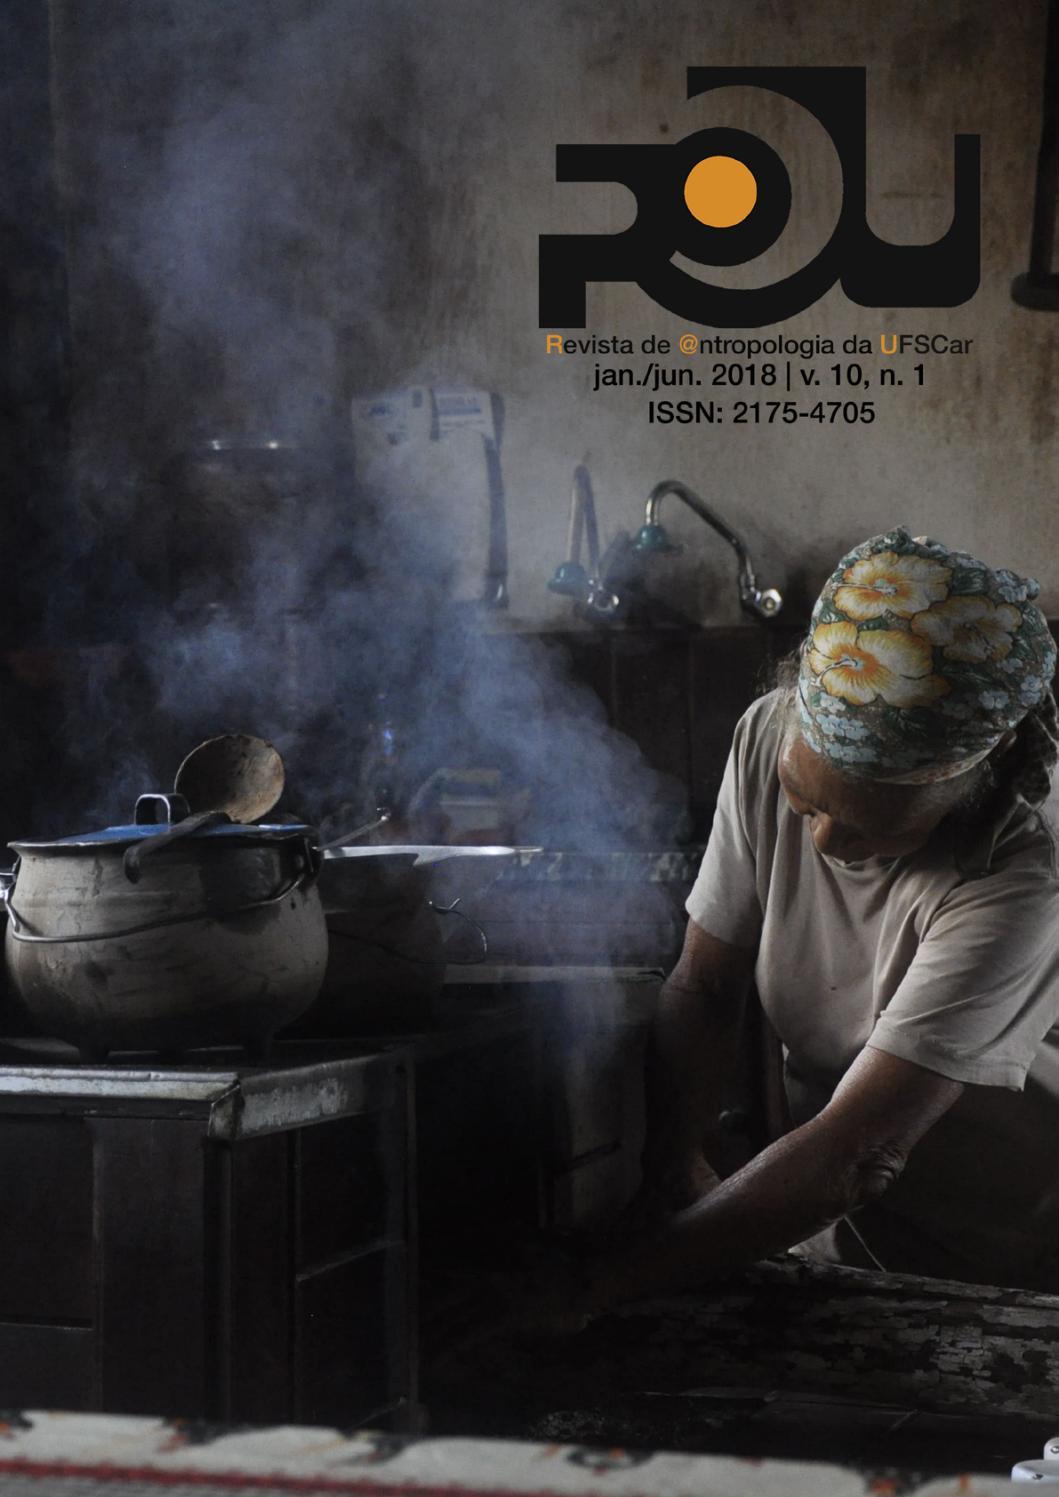 06e4447830a R@U Vol. 10, No. 1 - Dossiê Entre a Política e a Técnica by R@U PPGAS  UFSCAR - issuu